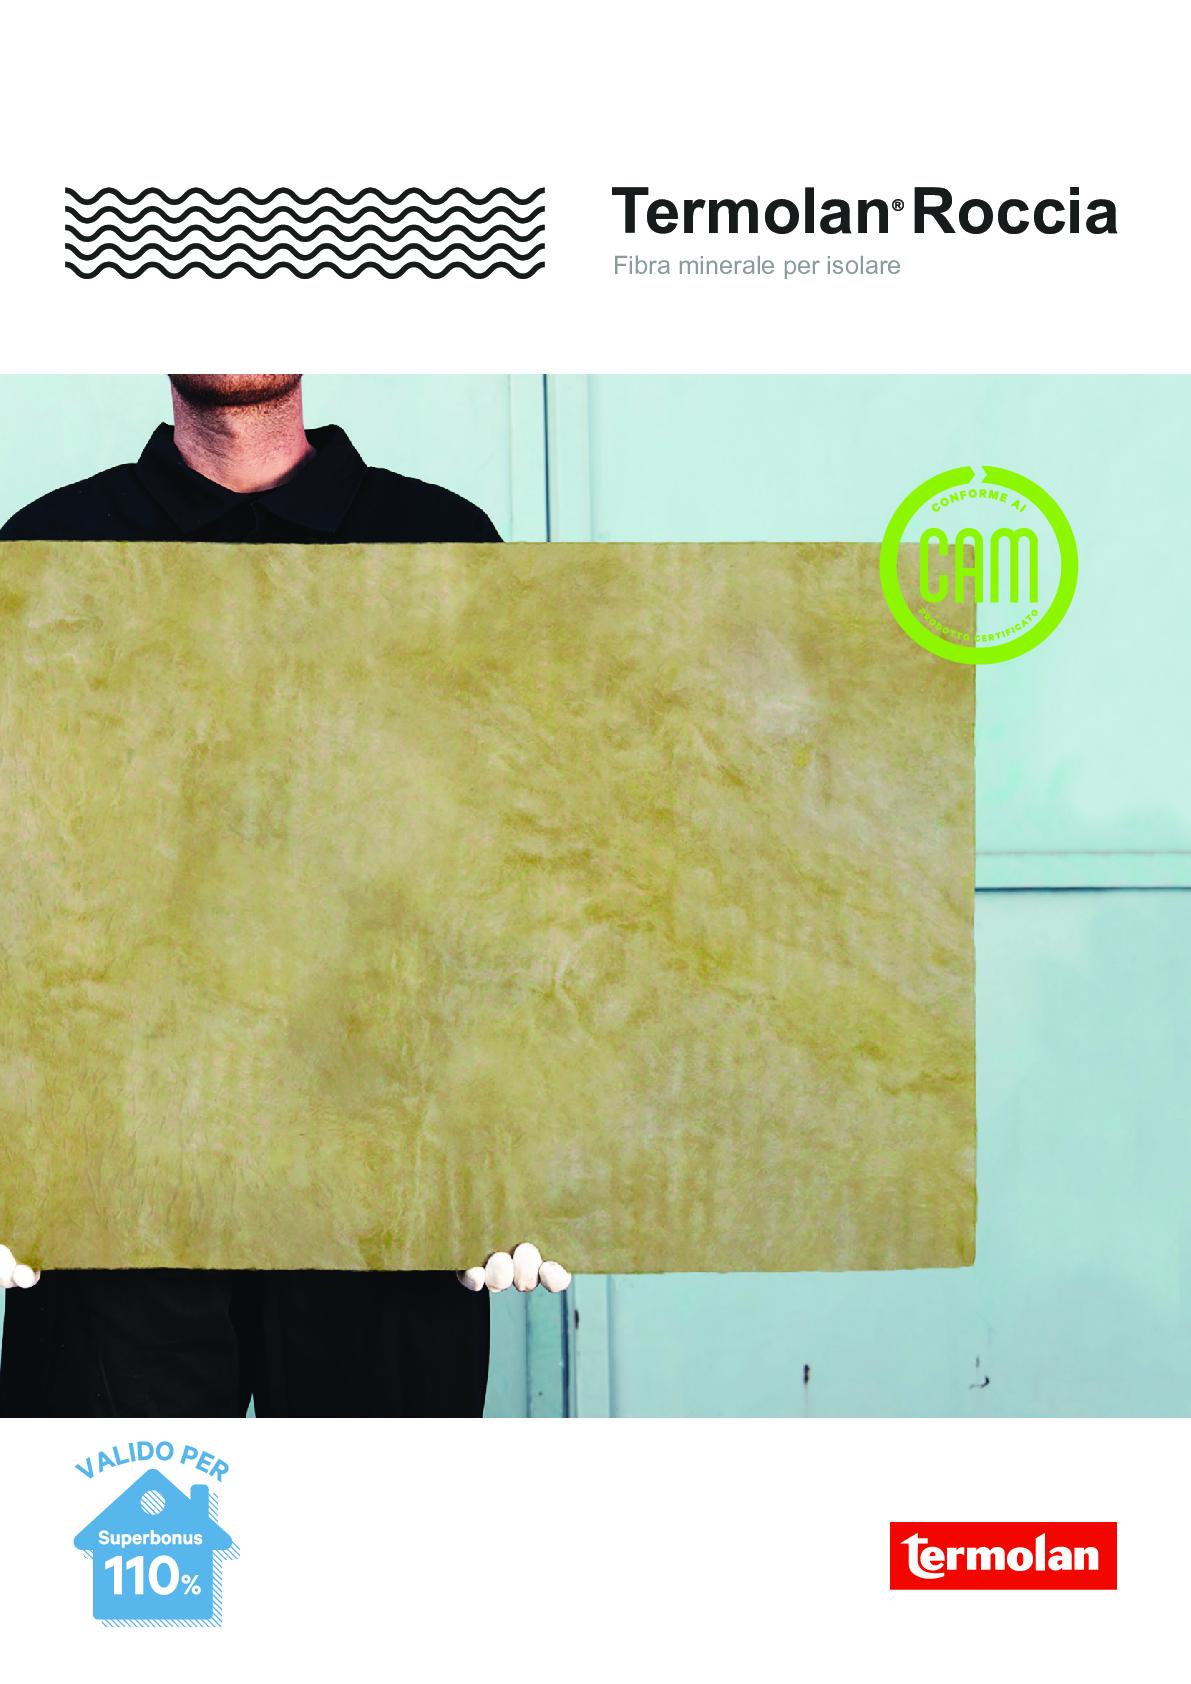 Termolan Roccia brochure